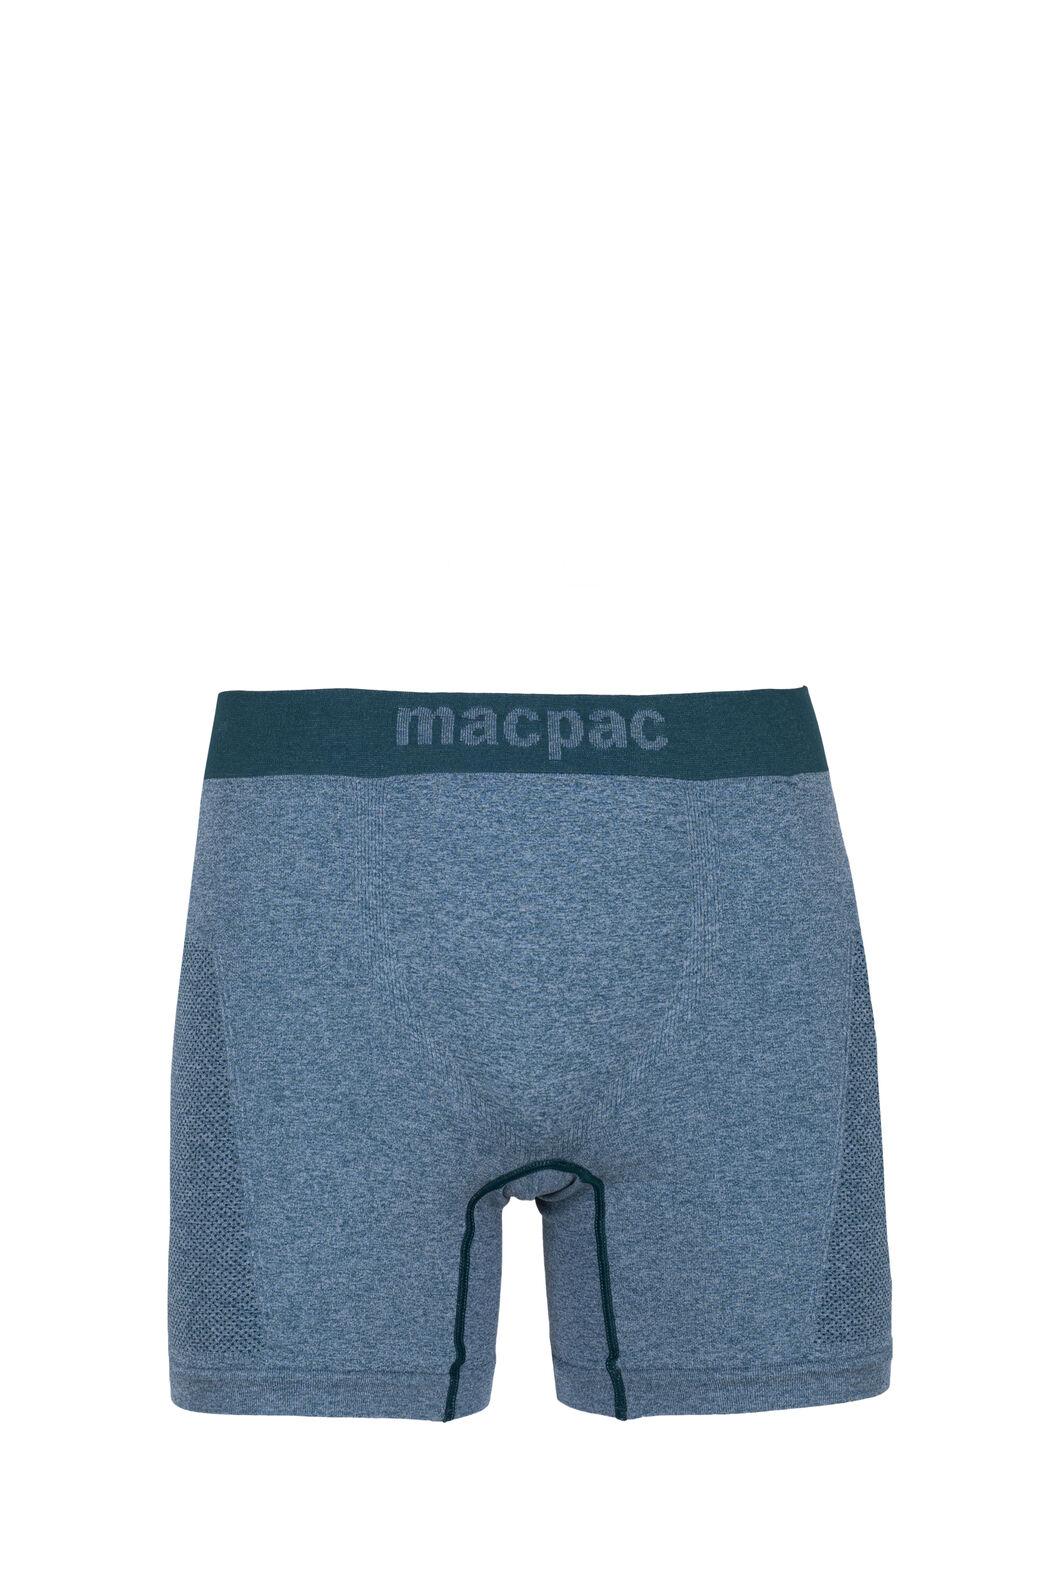 Macpac Limitless Boxer - Men's, Atlantic Deep, hi-res